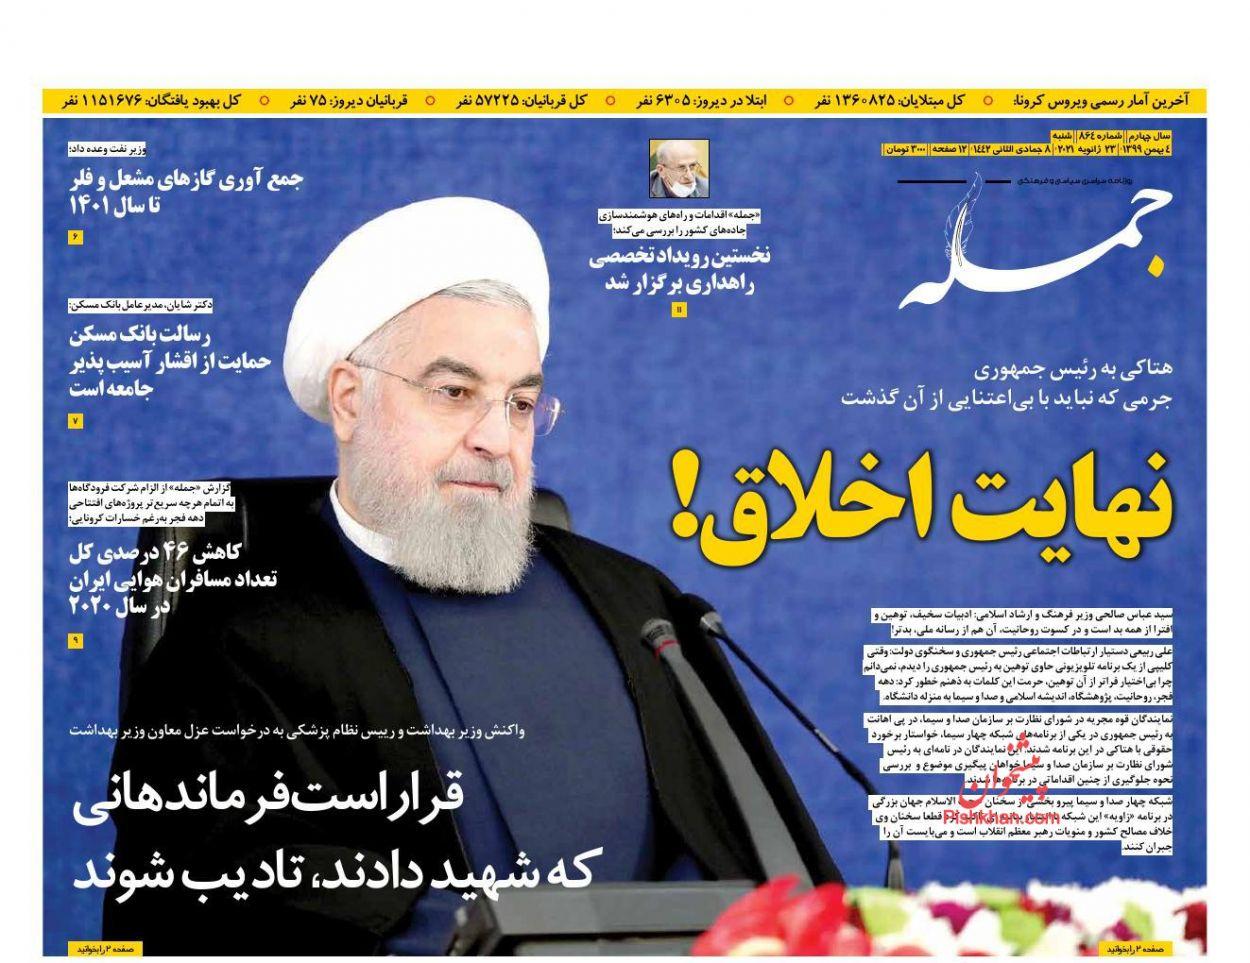 عناوین اخبار روزنامه جمله در روز شنبه ۴ بهمن